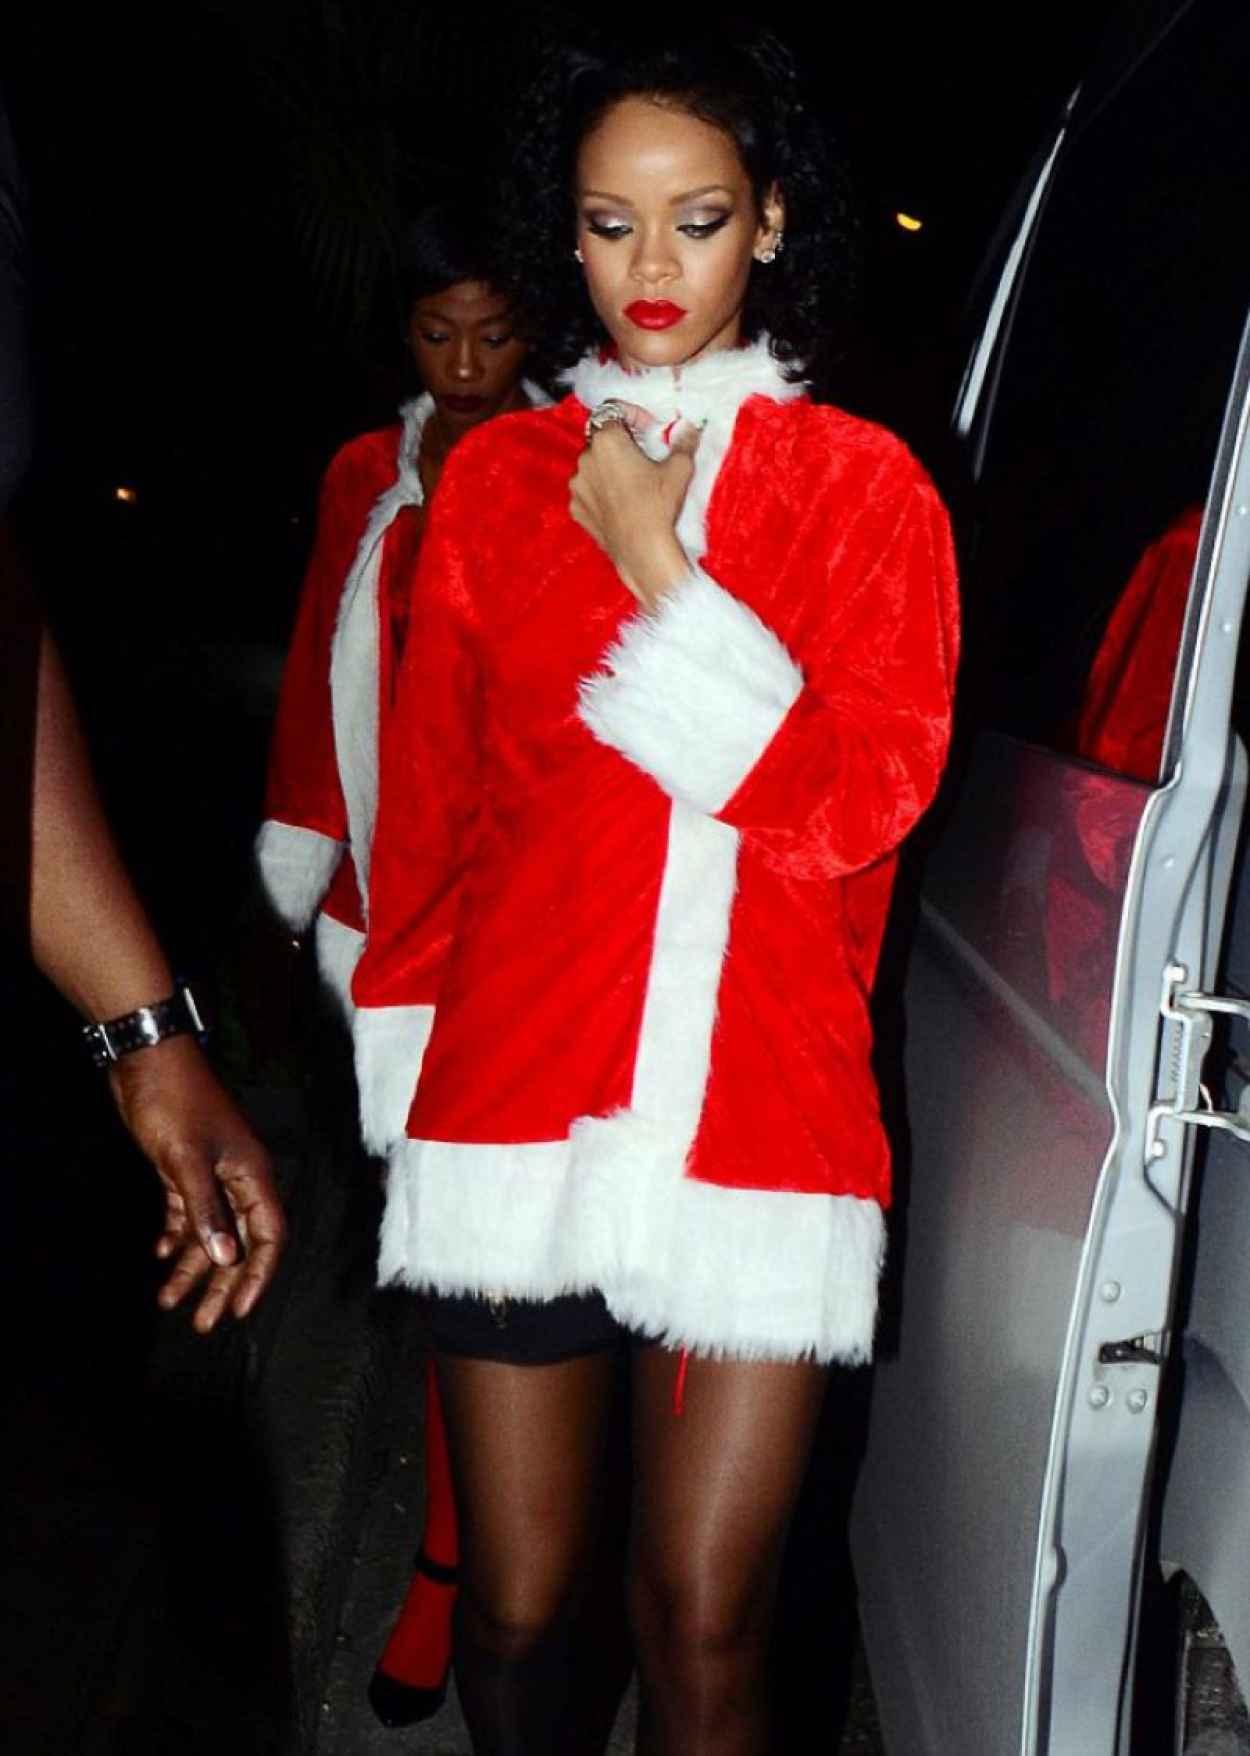 Rihanna - Priva Barbados Lounge and Night Club, Holetown, Barbados - December 2015-5